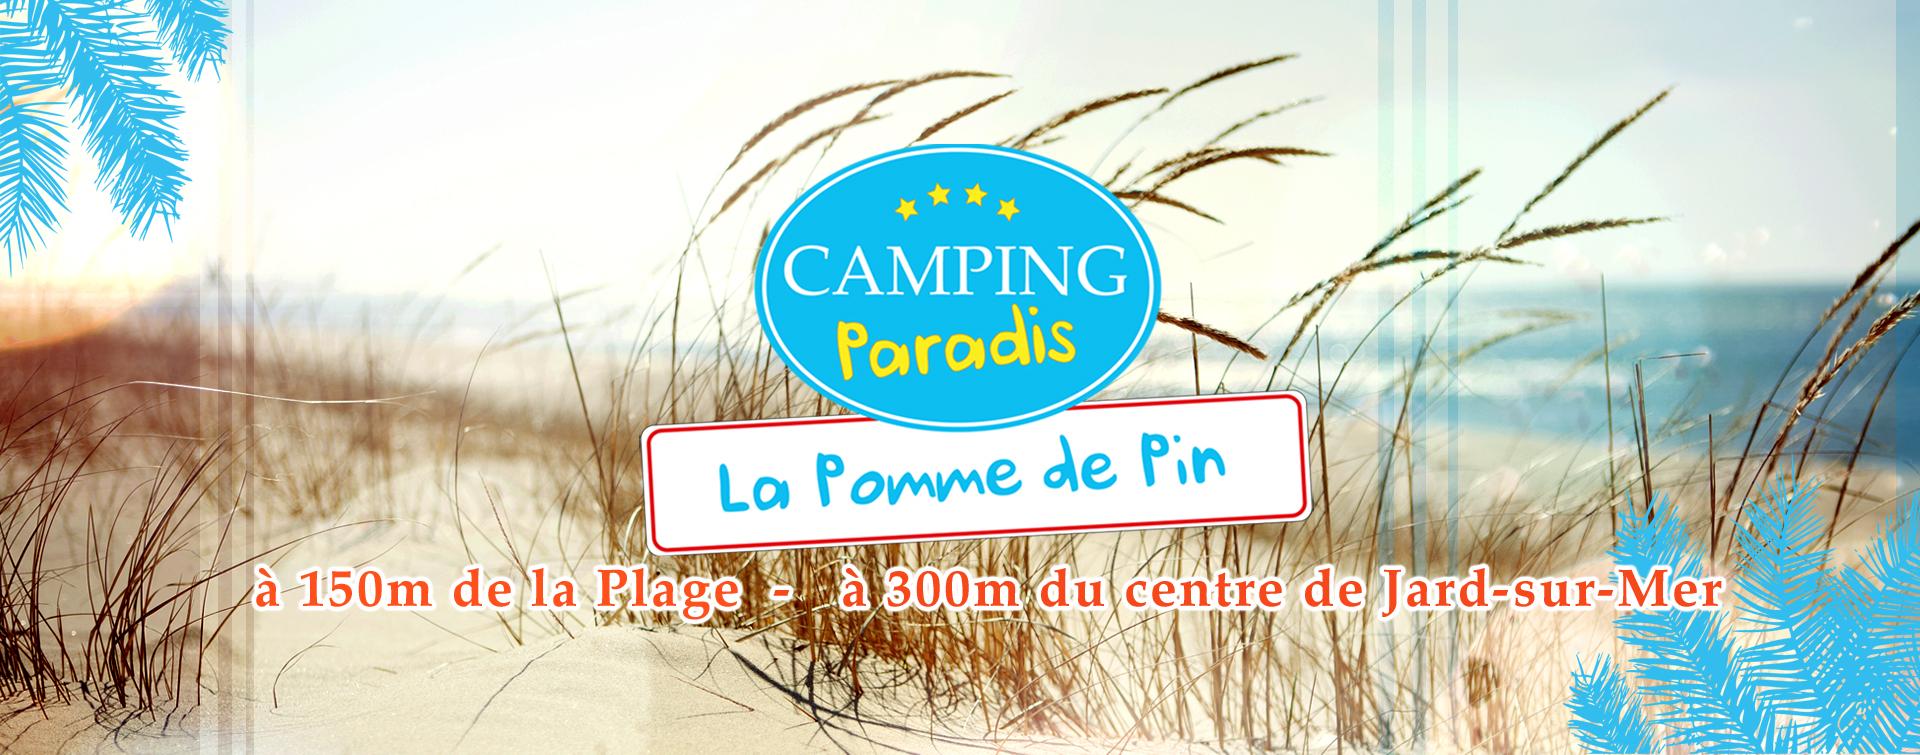 Camping Paradis Vendée